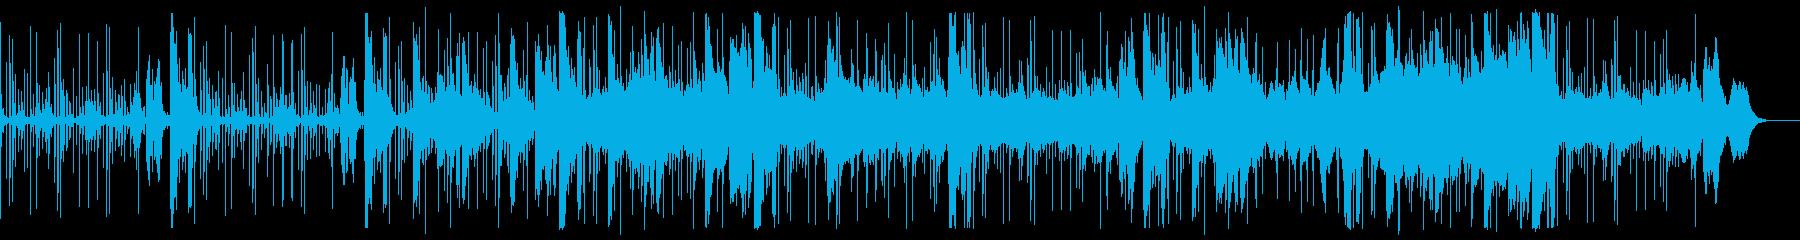 電子音・エレクトロニカ 壮大で情緒的の再生済みの波形